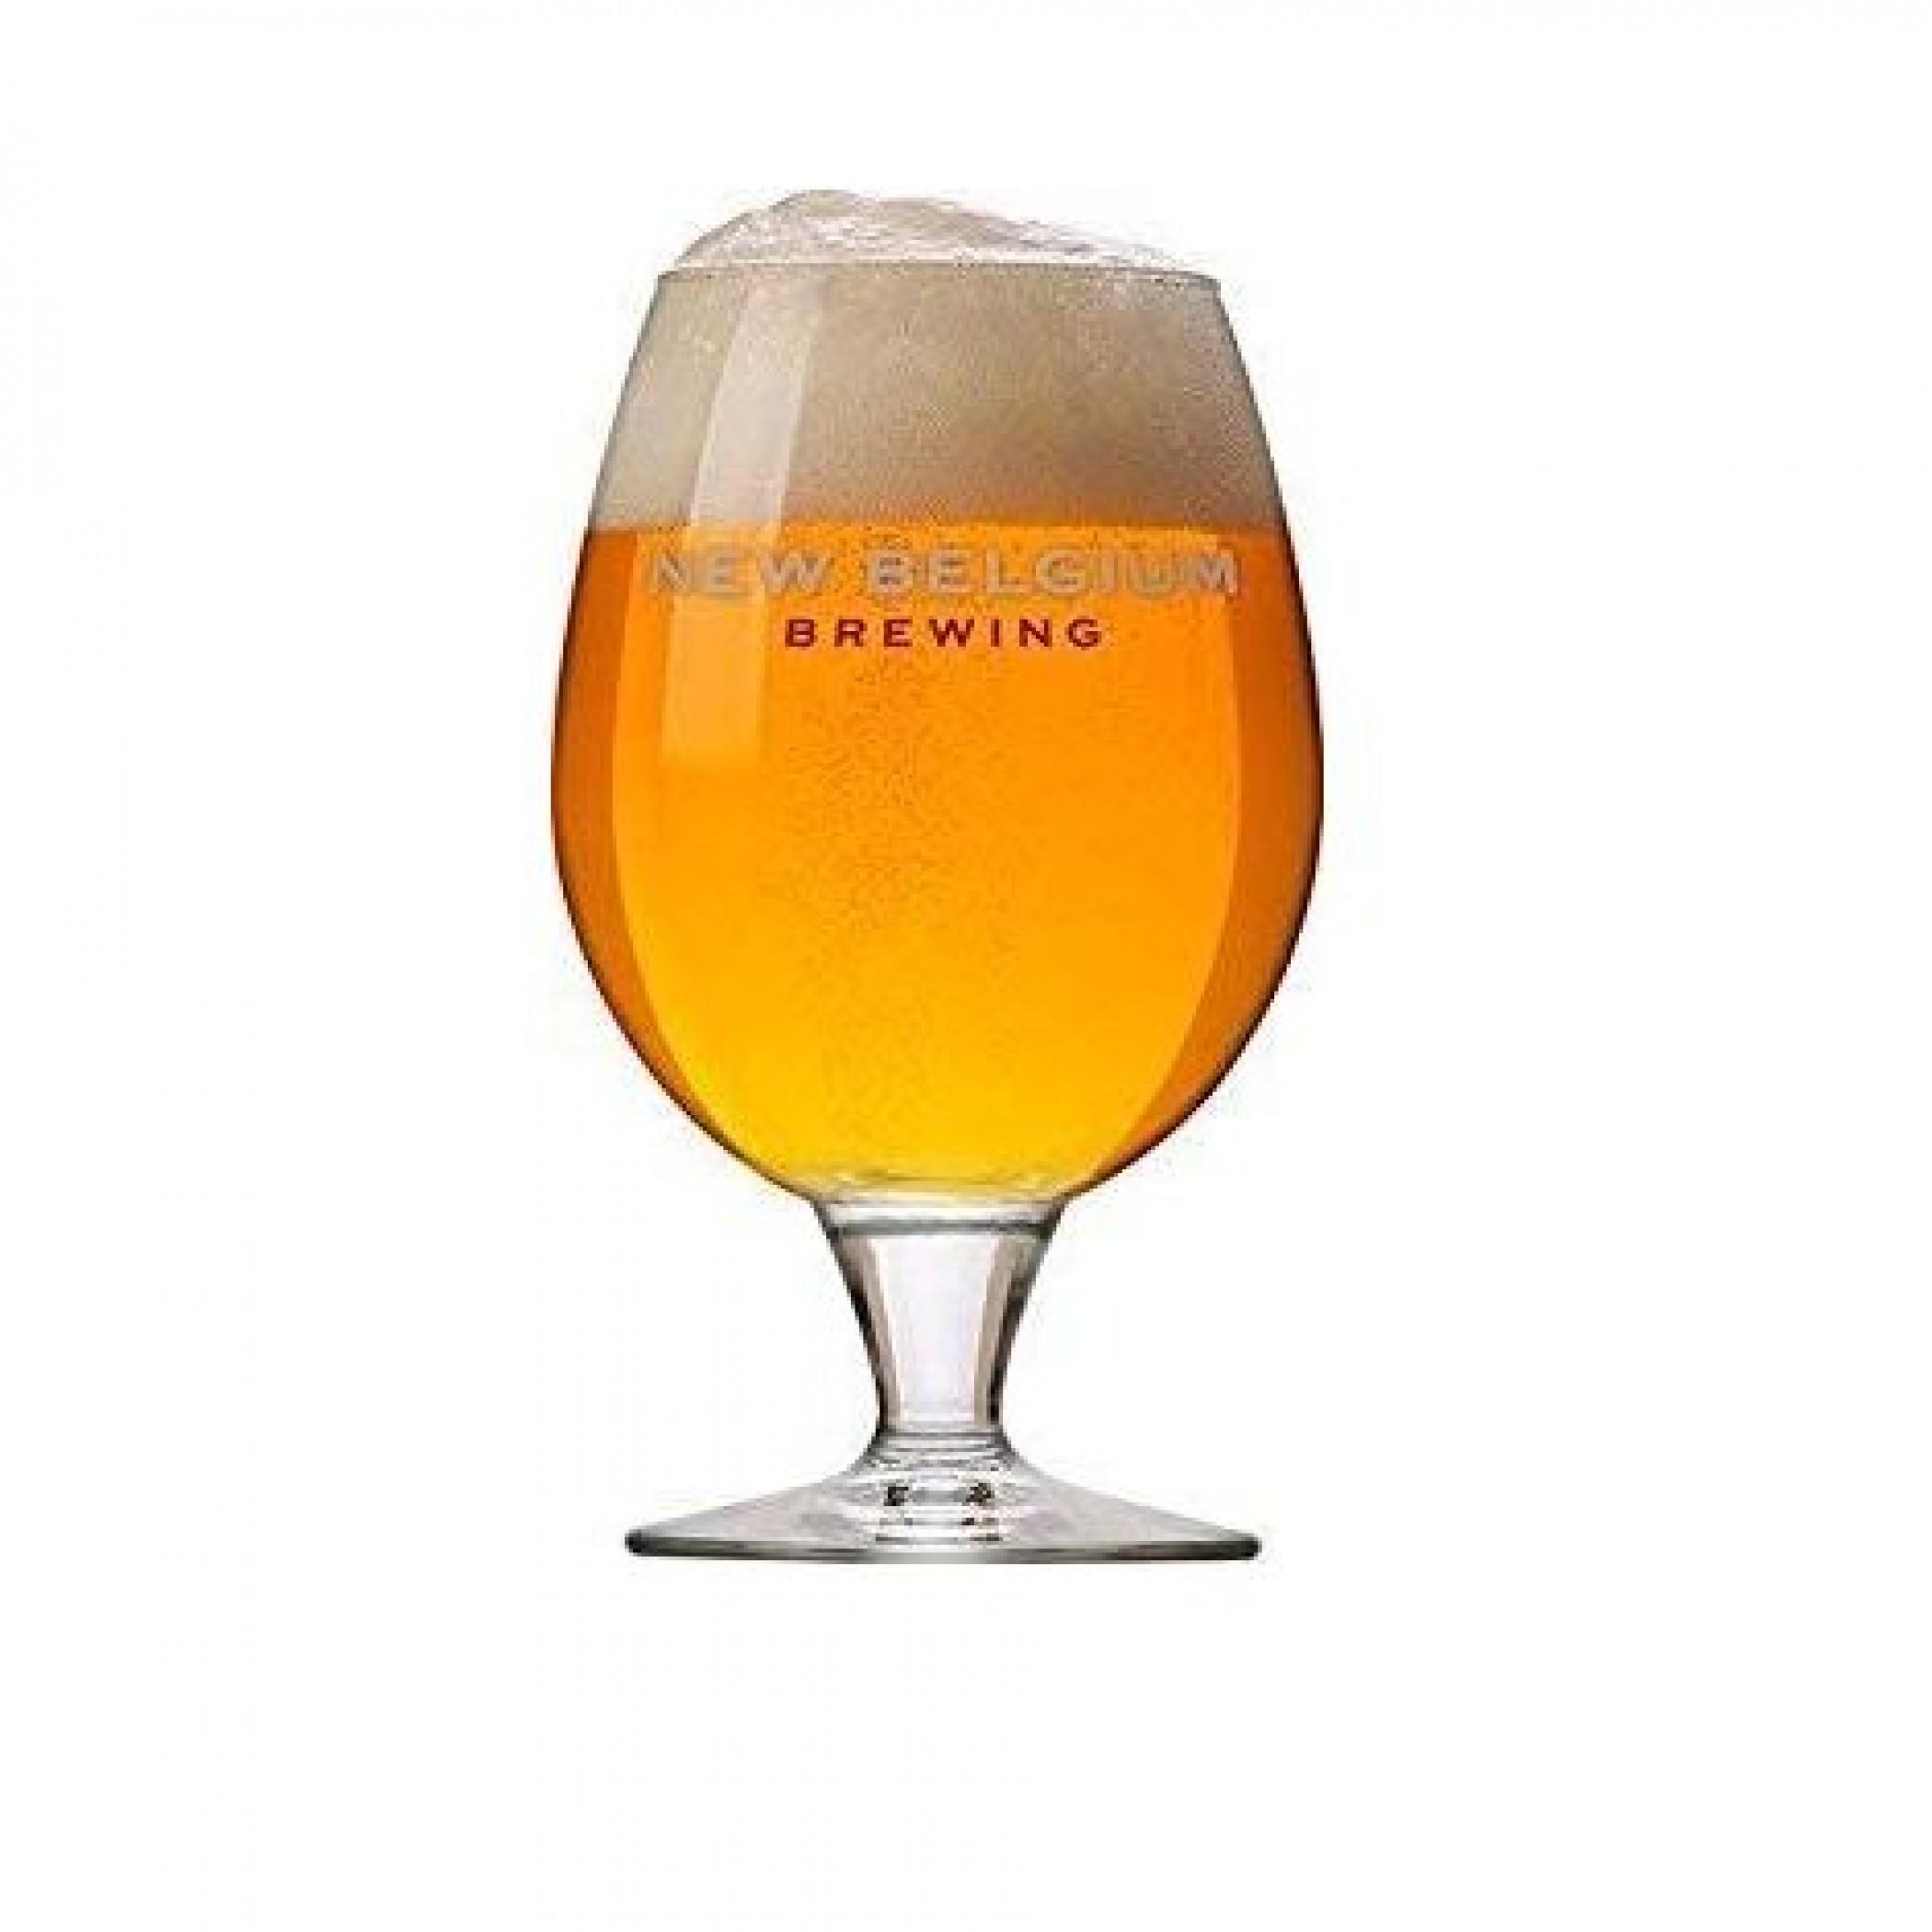 New Belgium Brewing Co. 16oz. Belgian Beer Glass 4-Pack